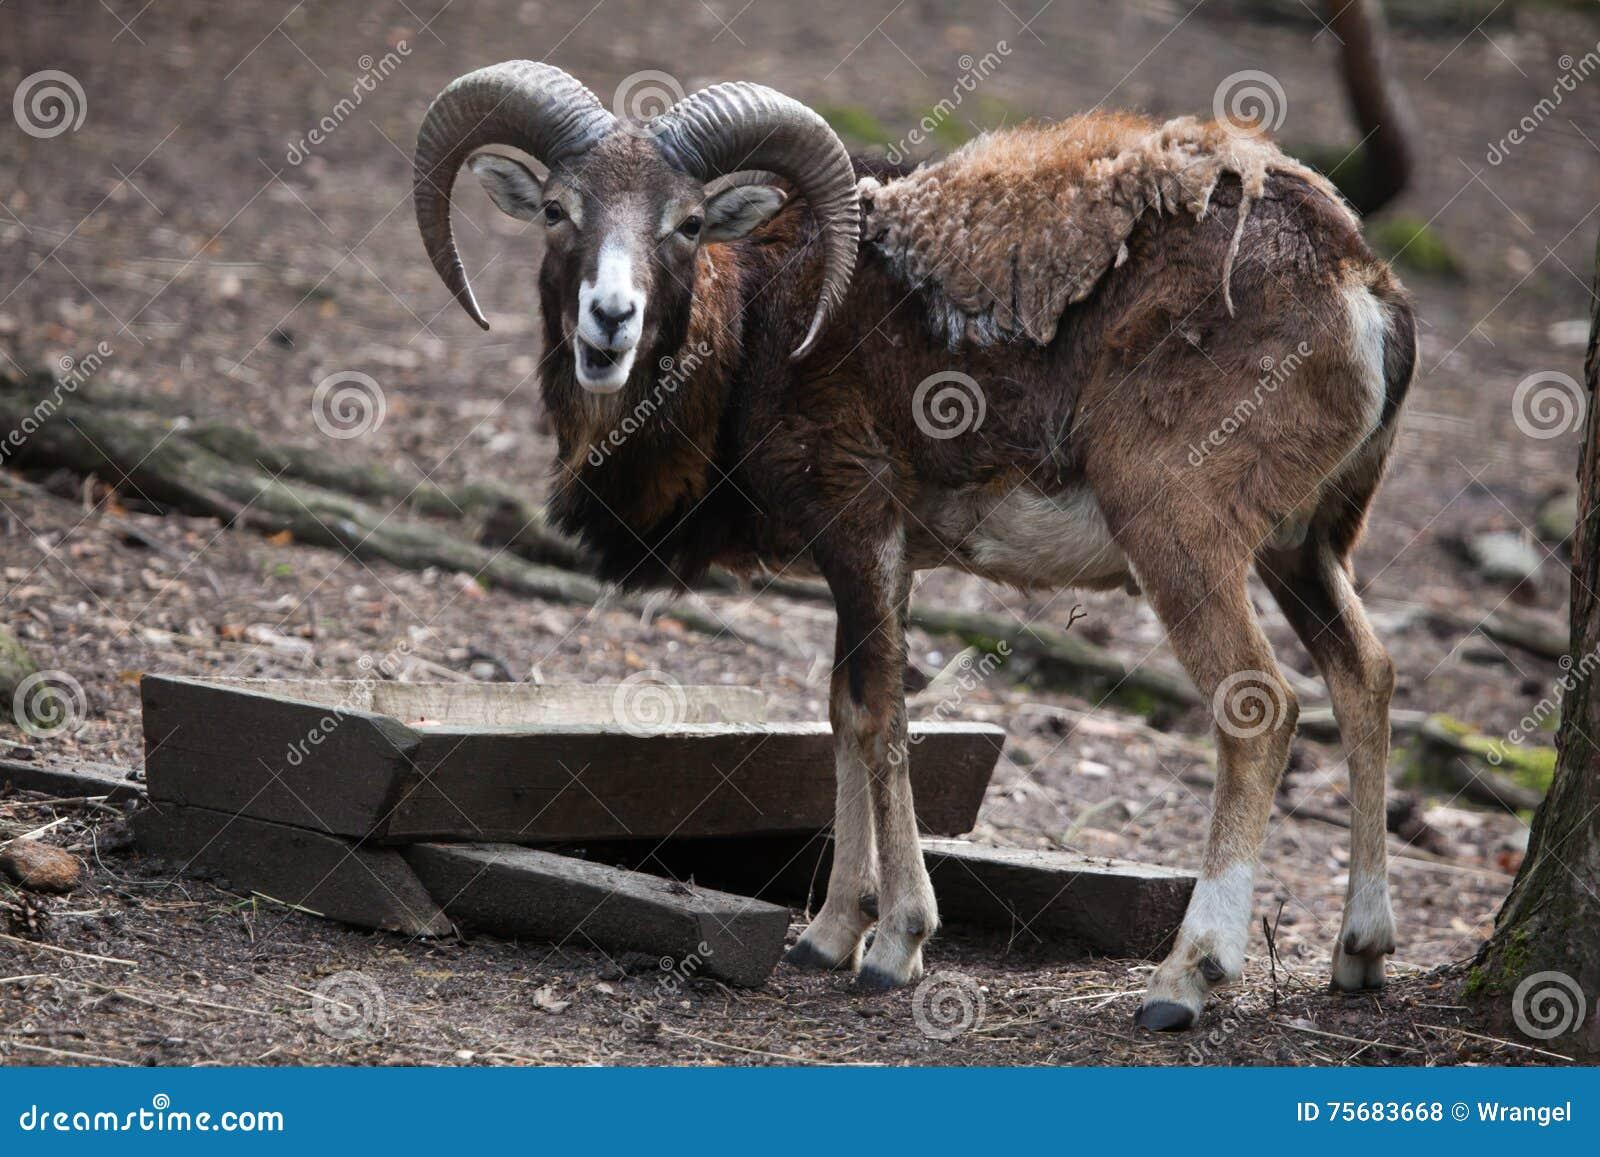 Europese Mouflon (orientalis Ovis musimon)